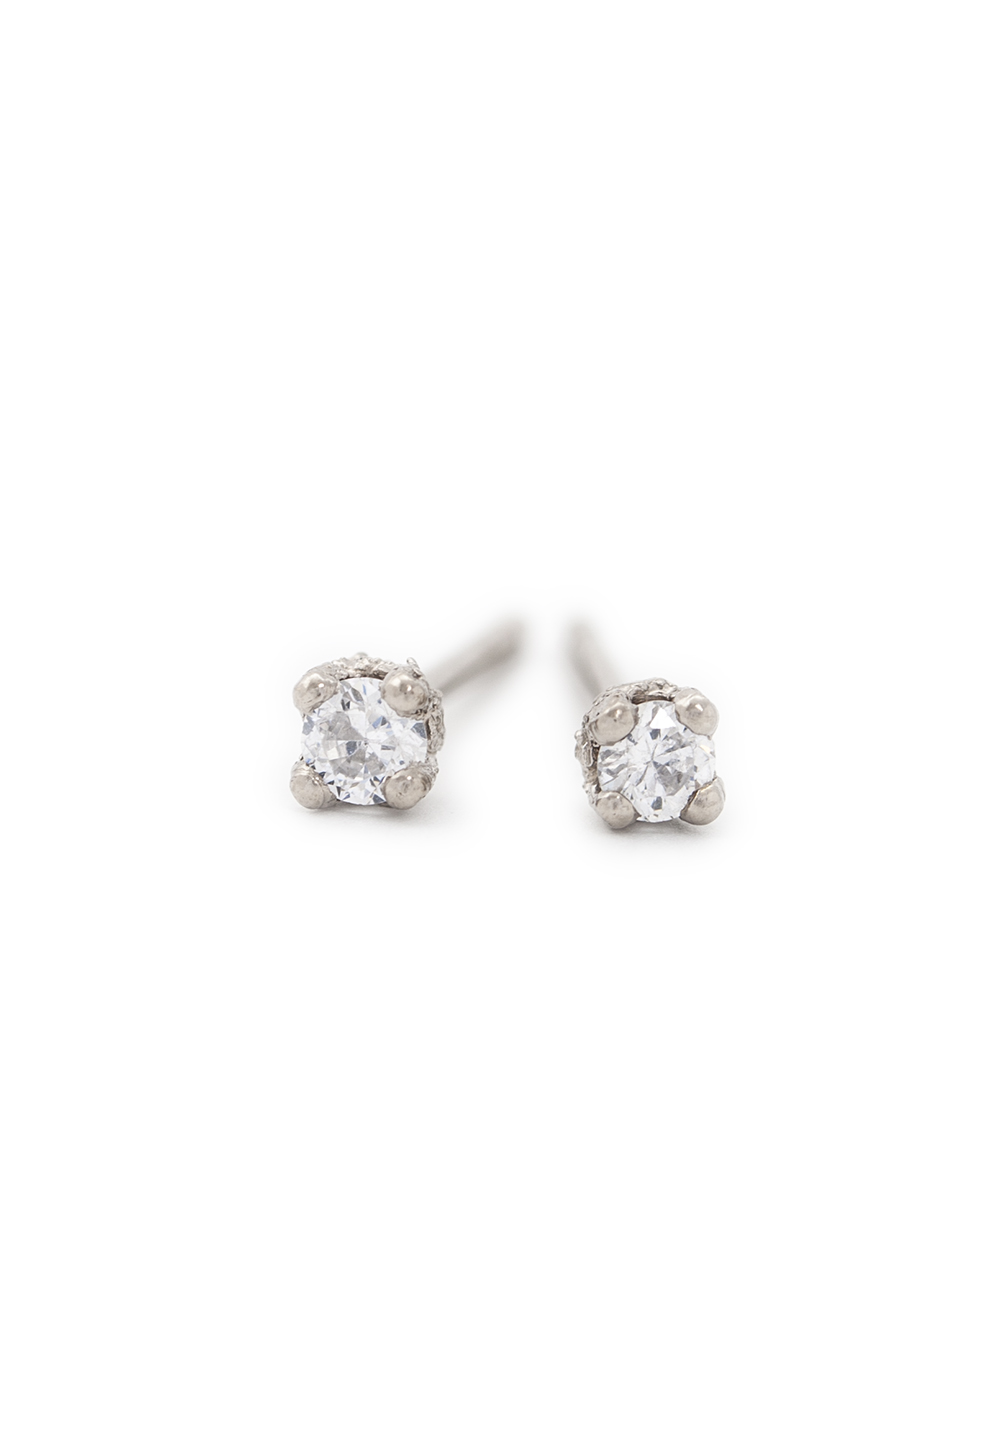 Brilliant cut white diamond studs in white gold